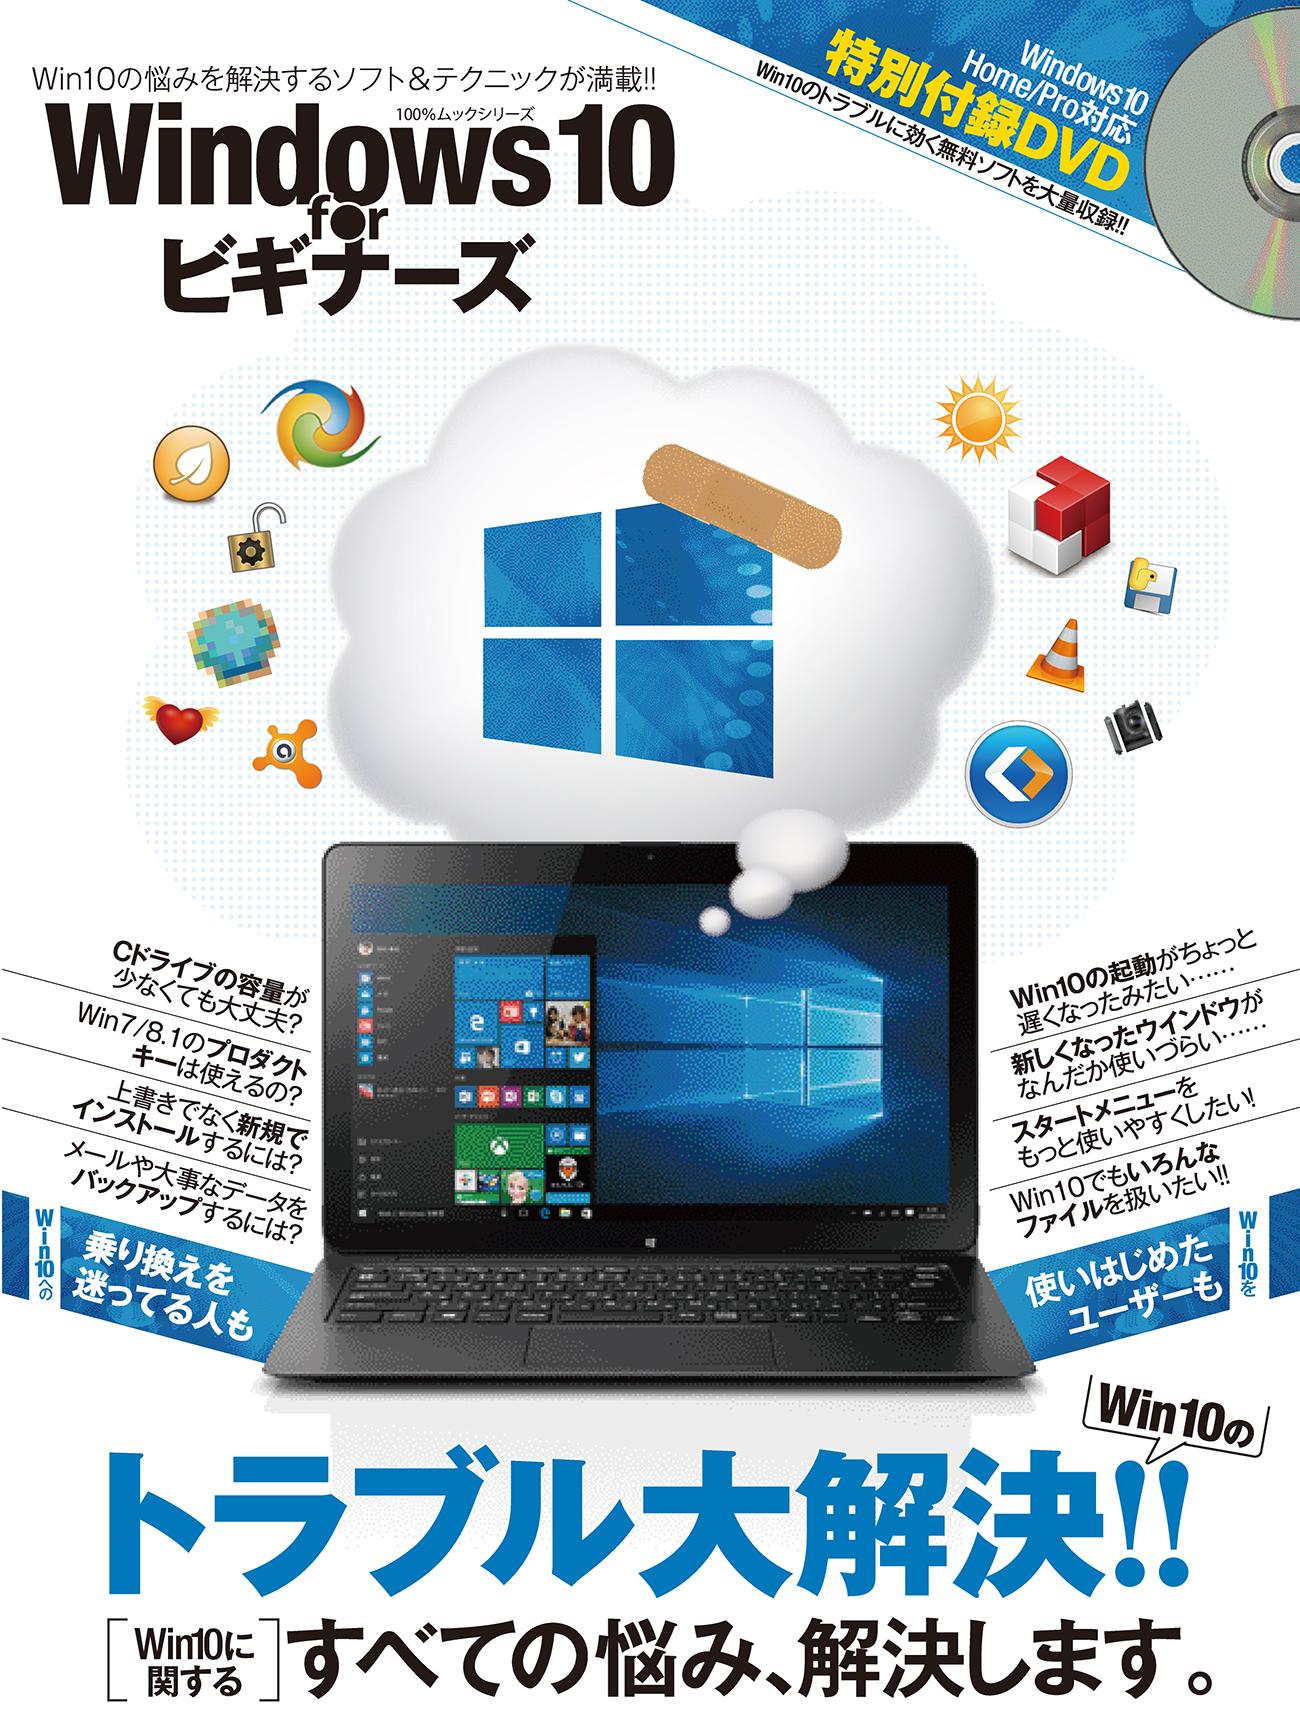 Windows10 for ビギナーズ